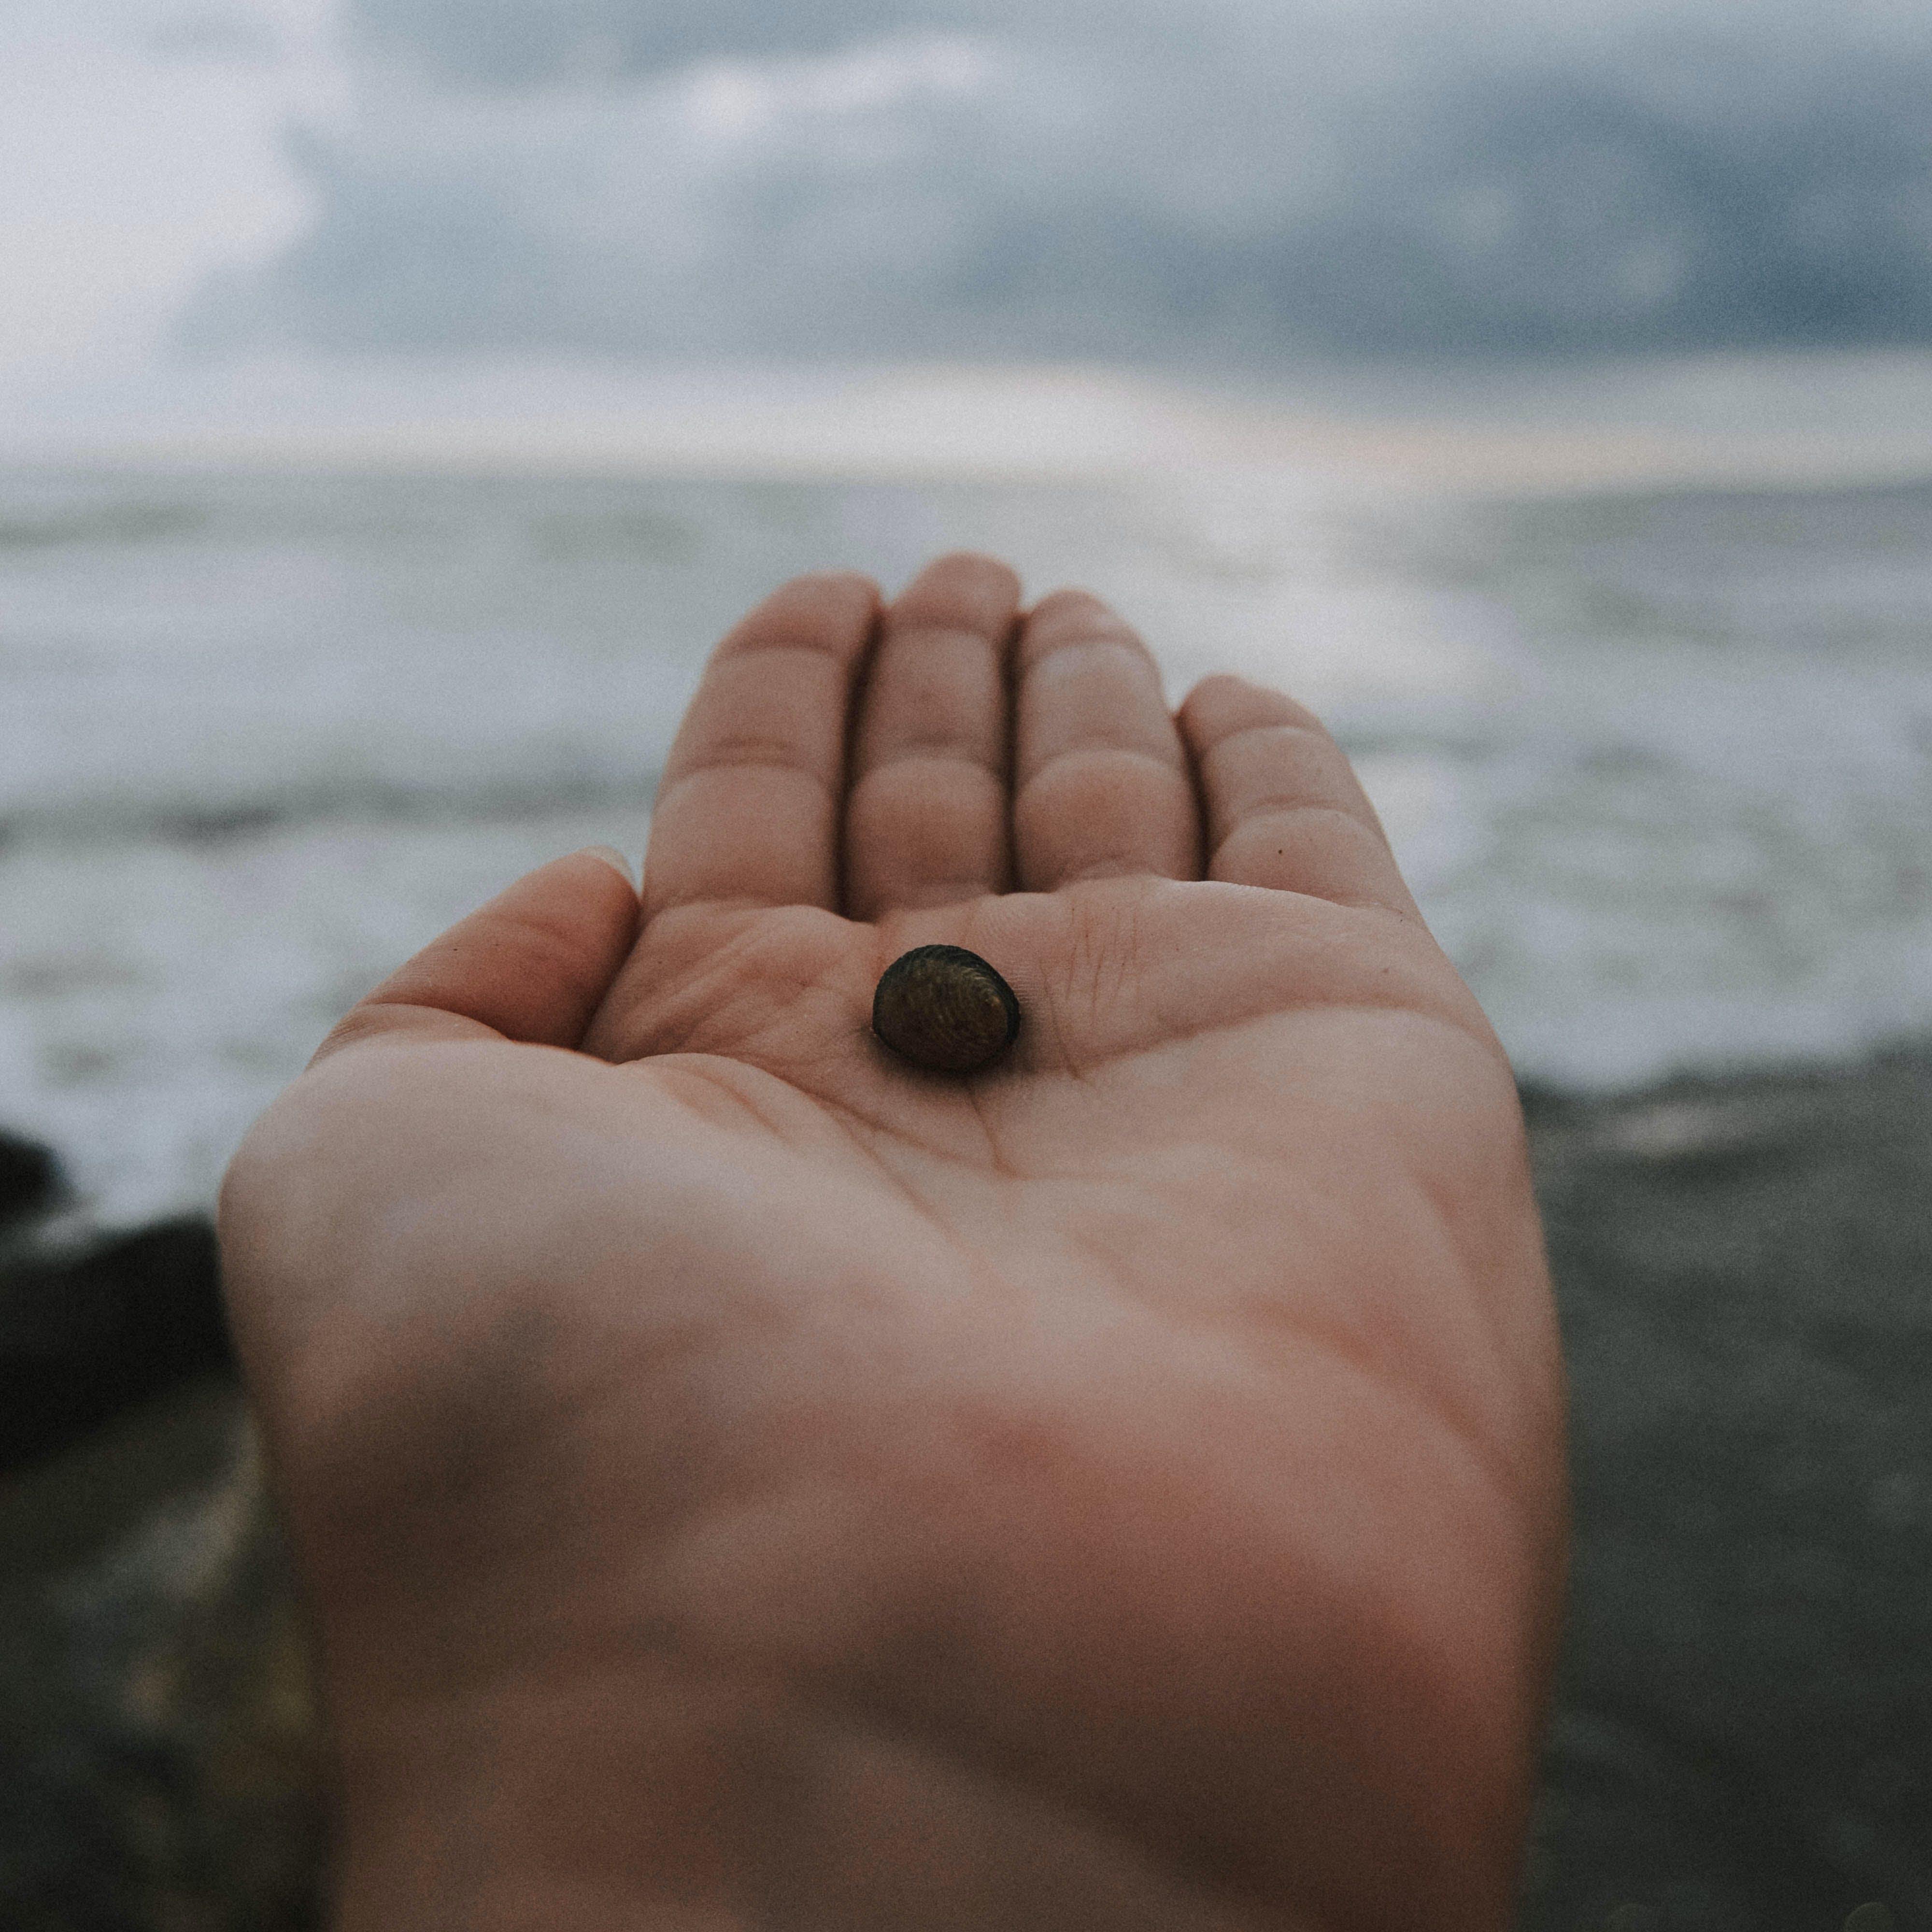 Free stock photo of nature, sky, beach, hand